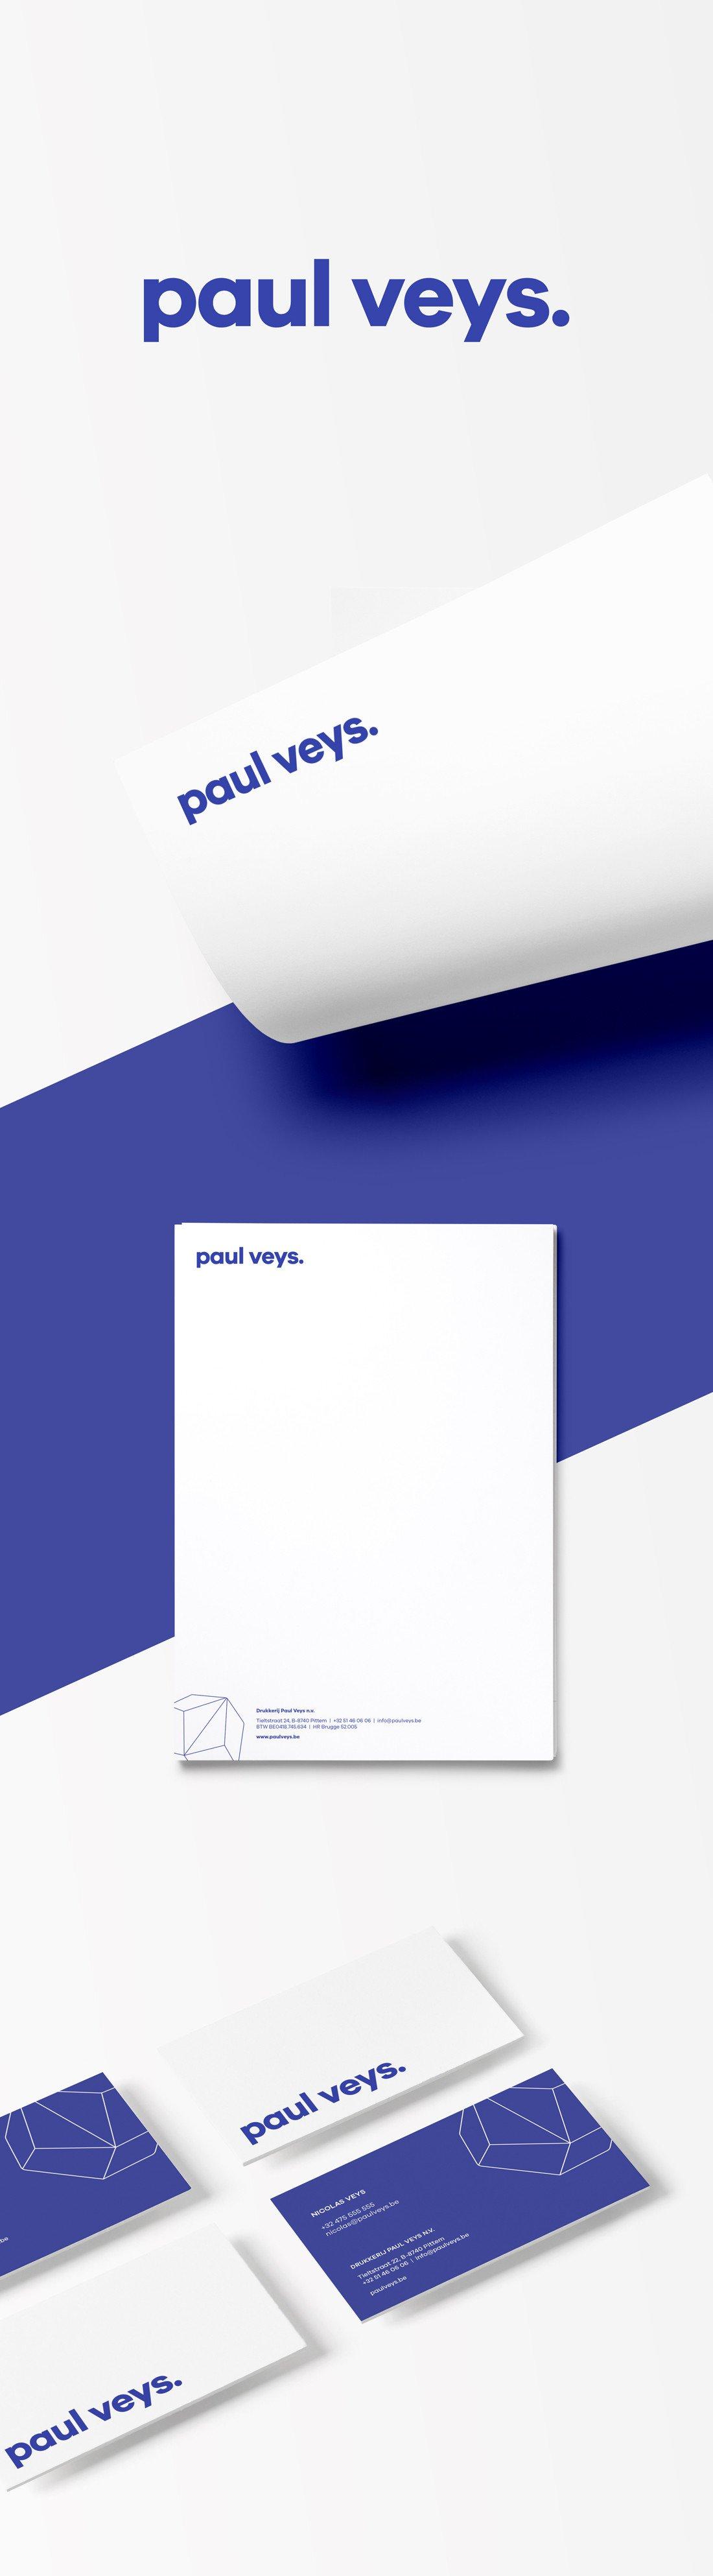 PaulVeys_LogoPresentatie_Case_01.6.jpg